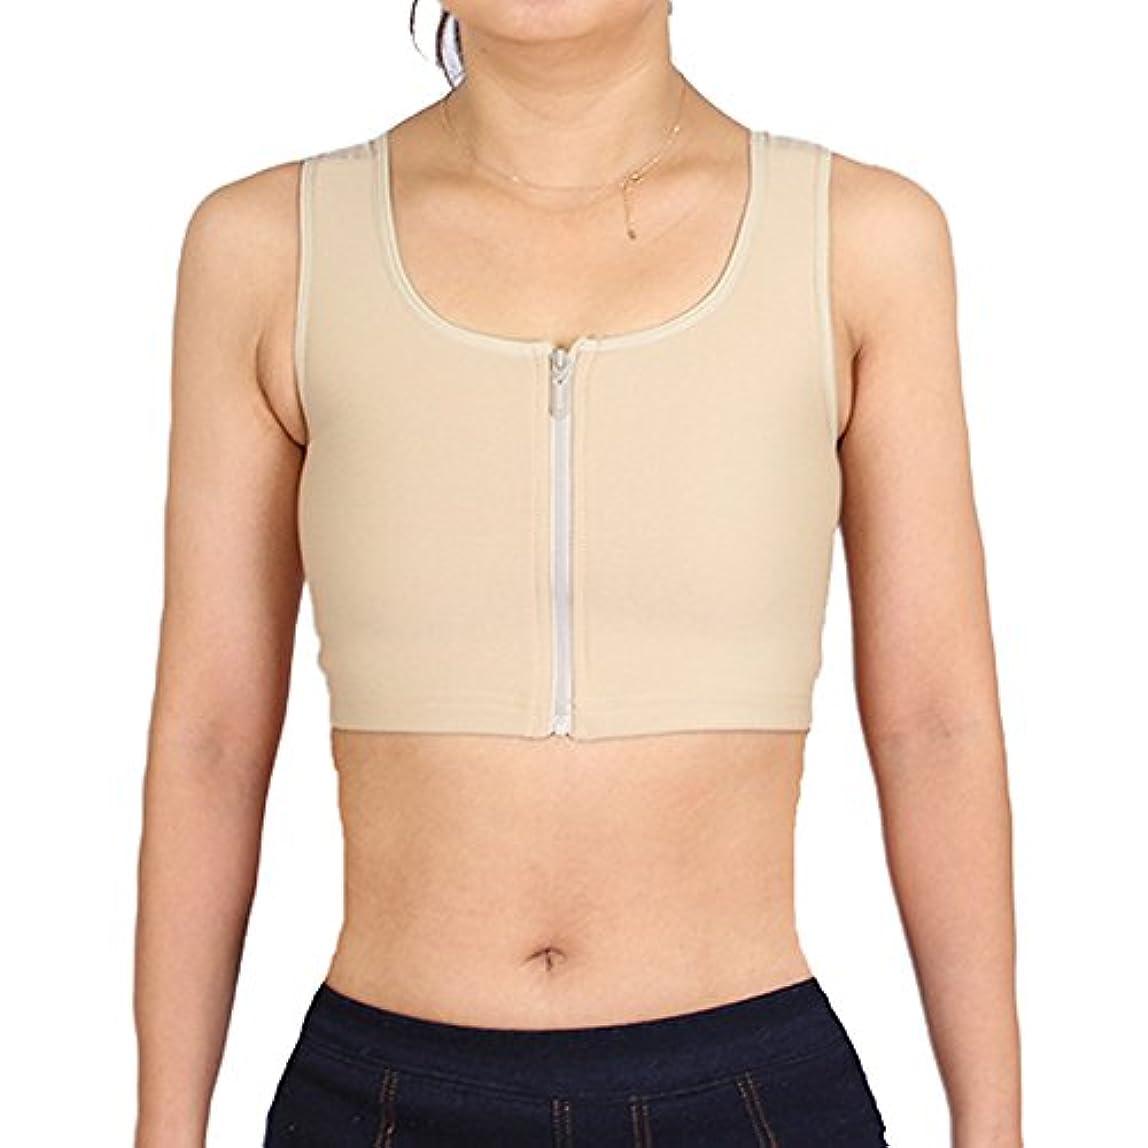 ラビリンス姿を消す反射ナベシャツ 胸つぶし スポーツ ブラジャー ファスナー付き ハーフタンクトップ an-l (M, 肌)